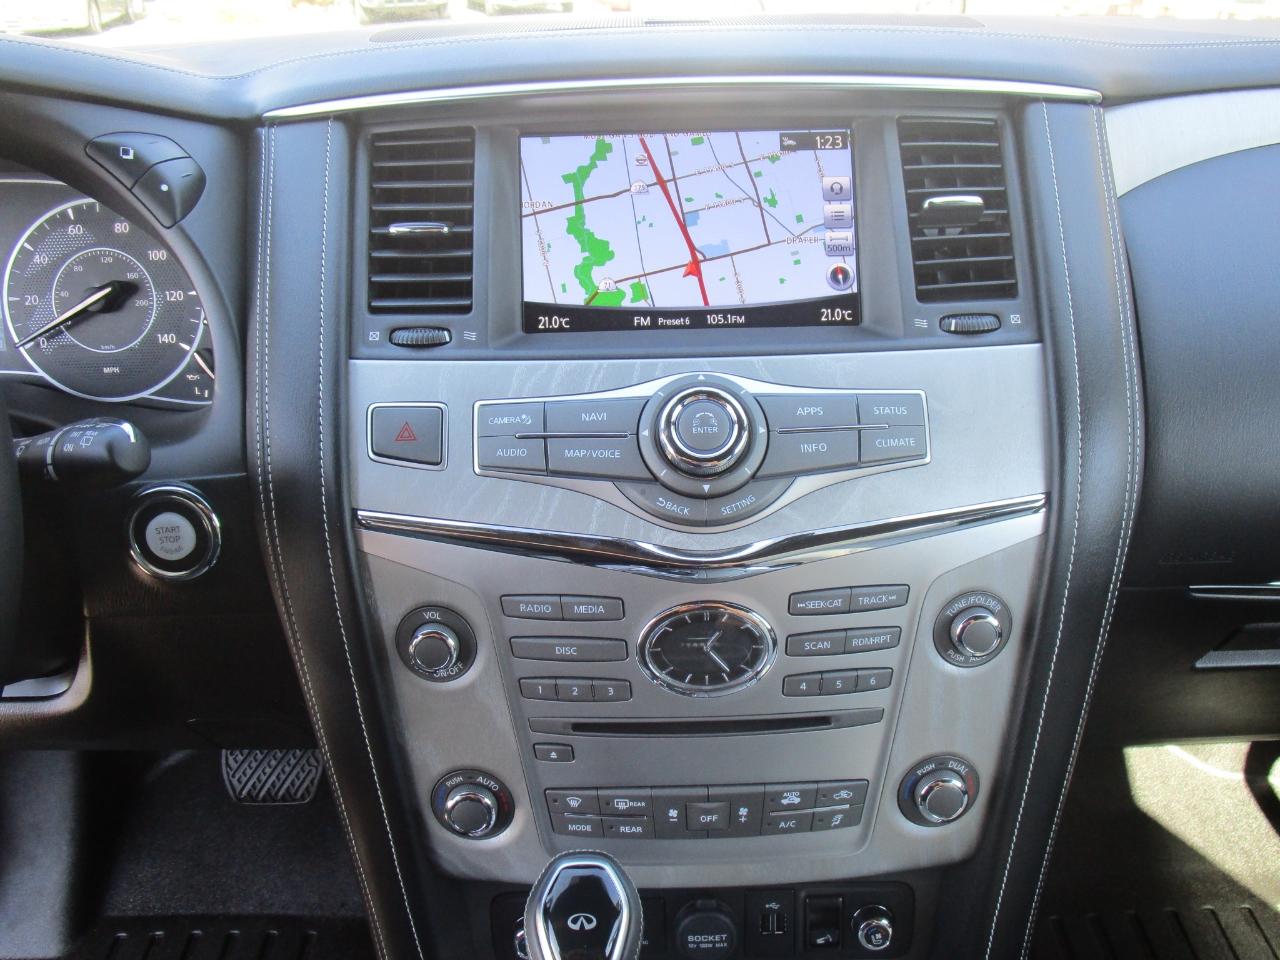 2019 Infiniti QX80 AWD Limited